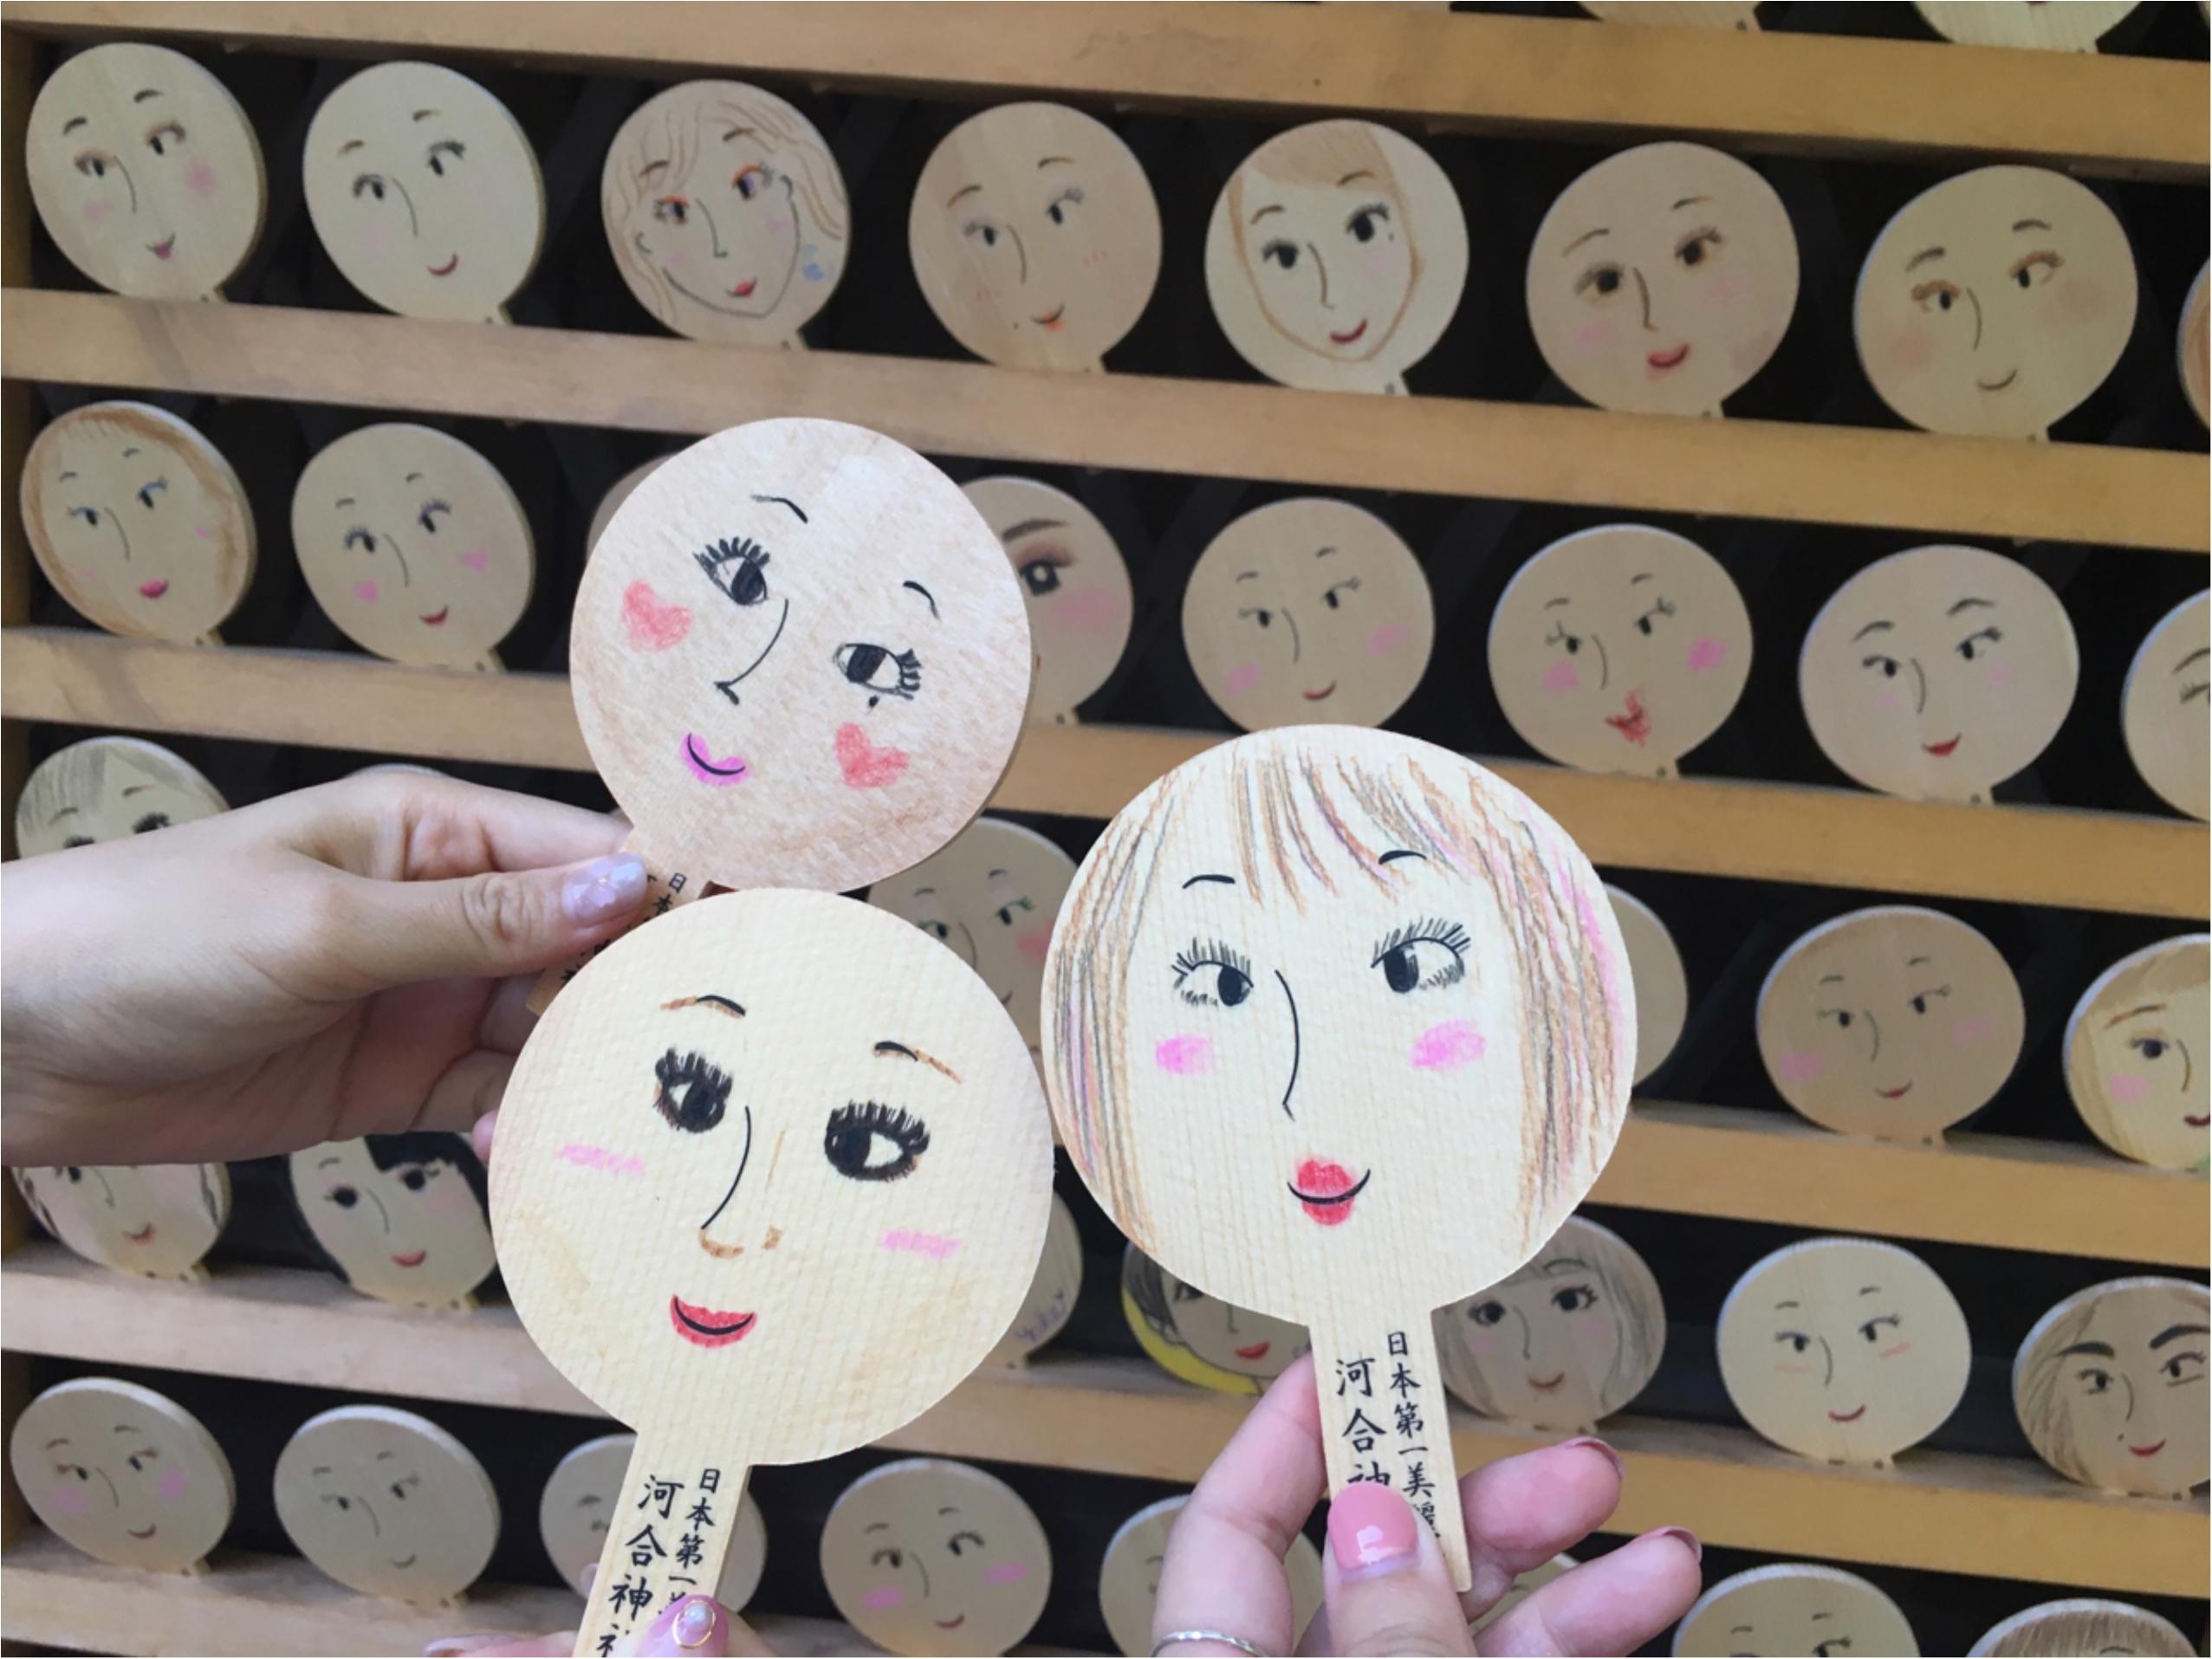 京都女子旅特集《2019年版》- 旅する女子がおすすめする、インスタ映えスポットやカフェ、レンタル着物は?_5